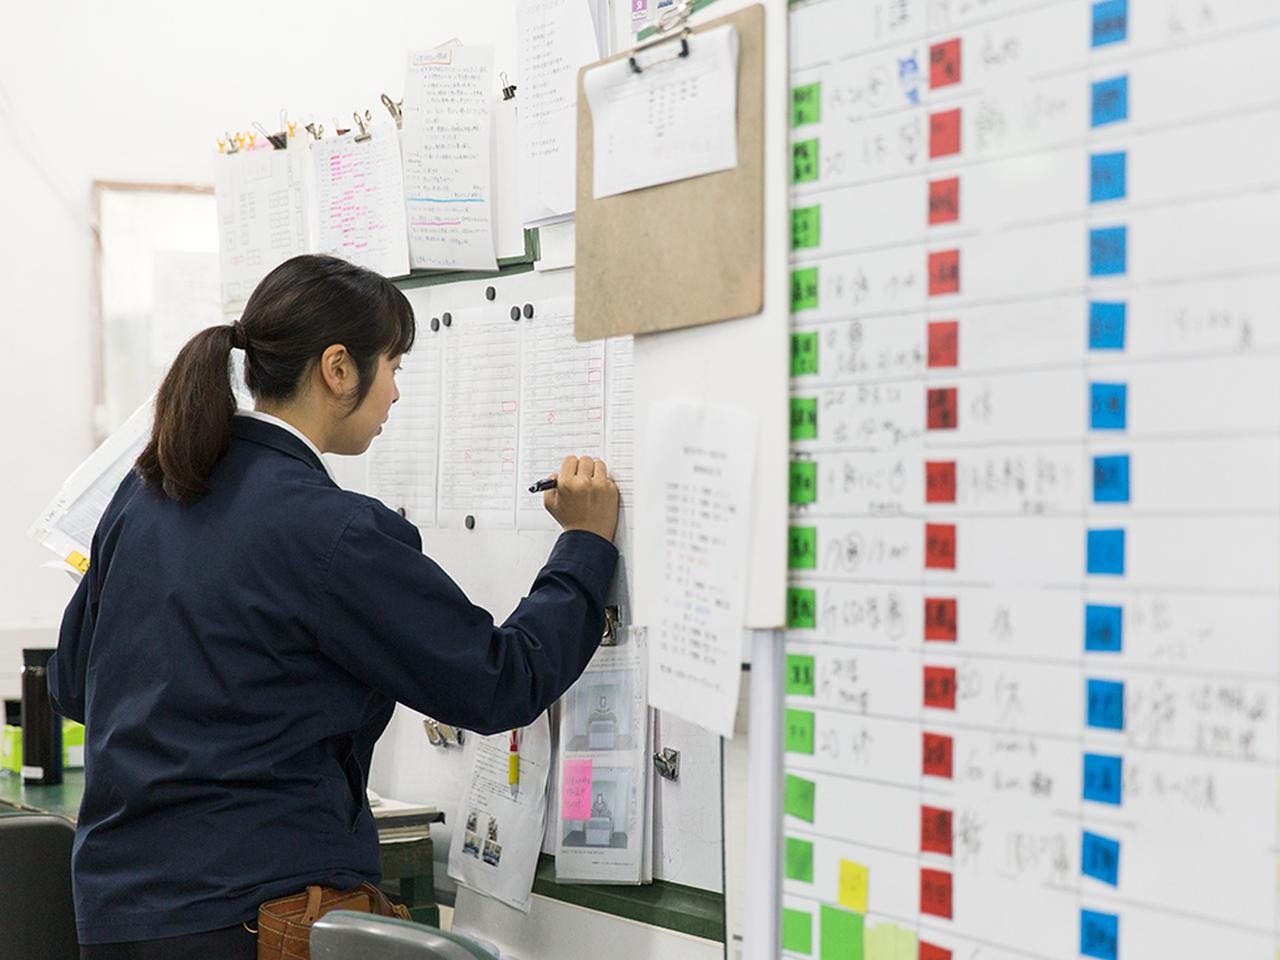 画像: 受注リストの担当案件に製作担当者の名前を書き込む